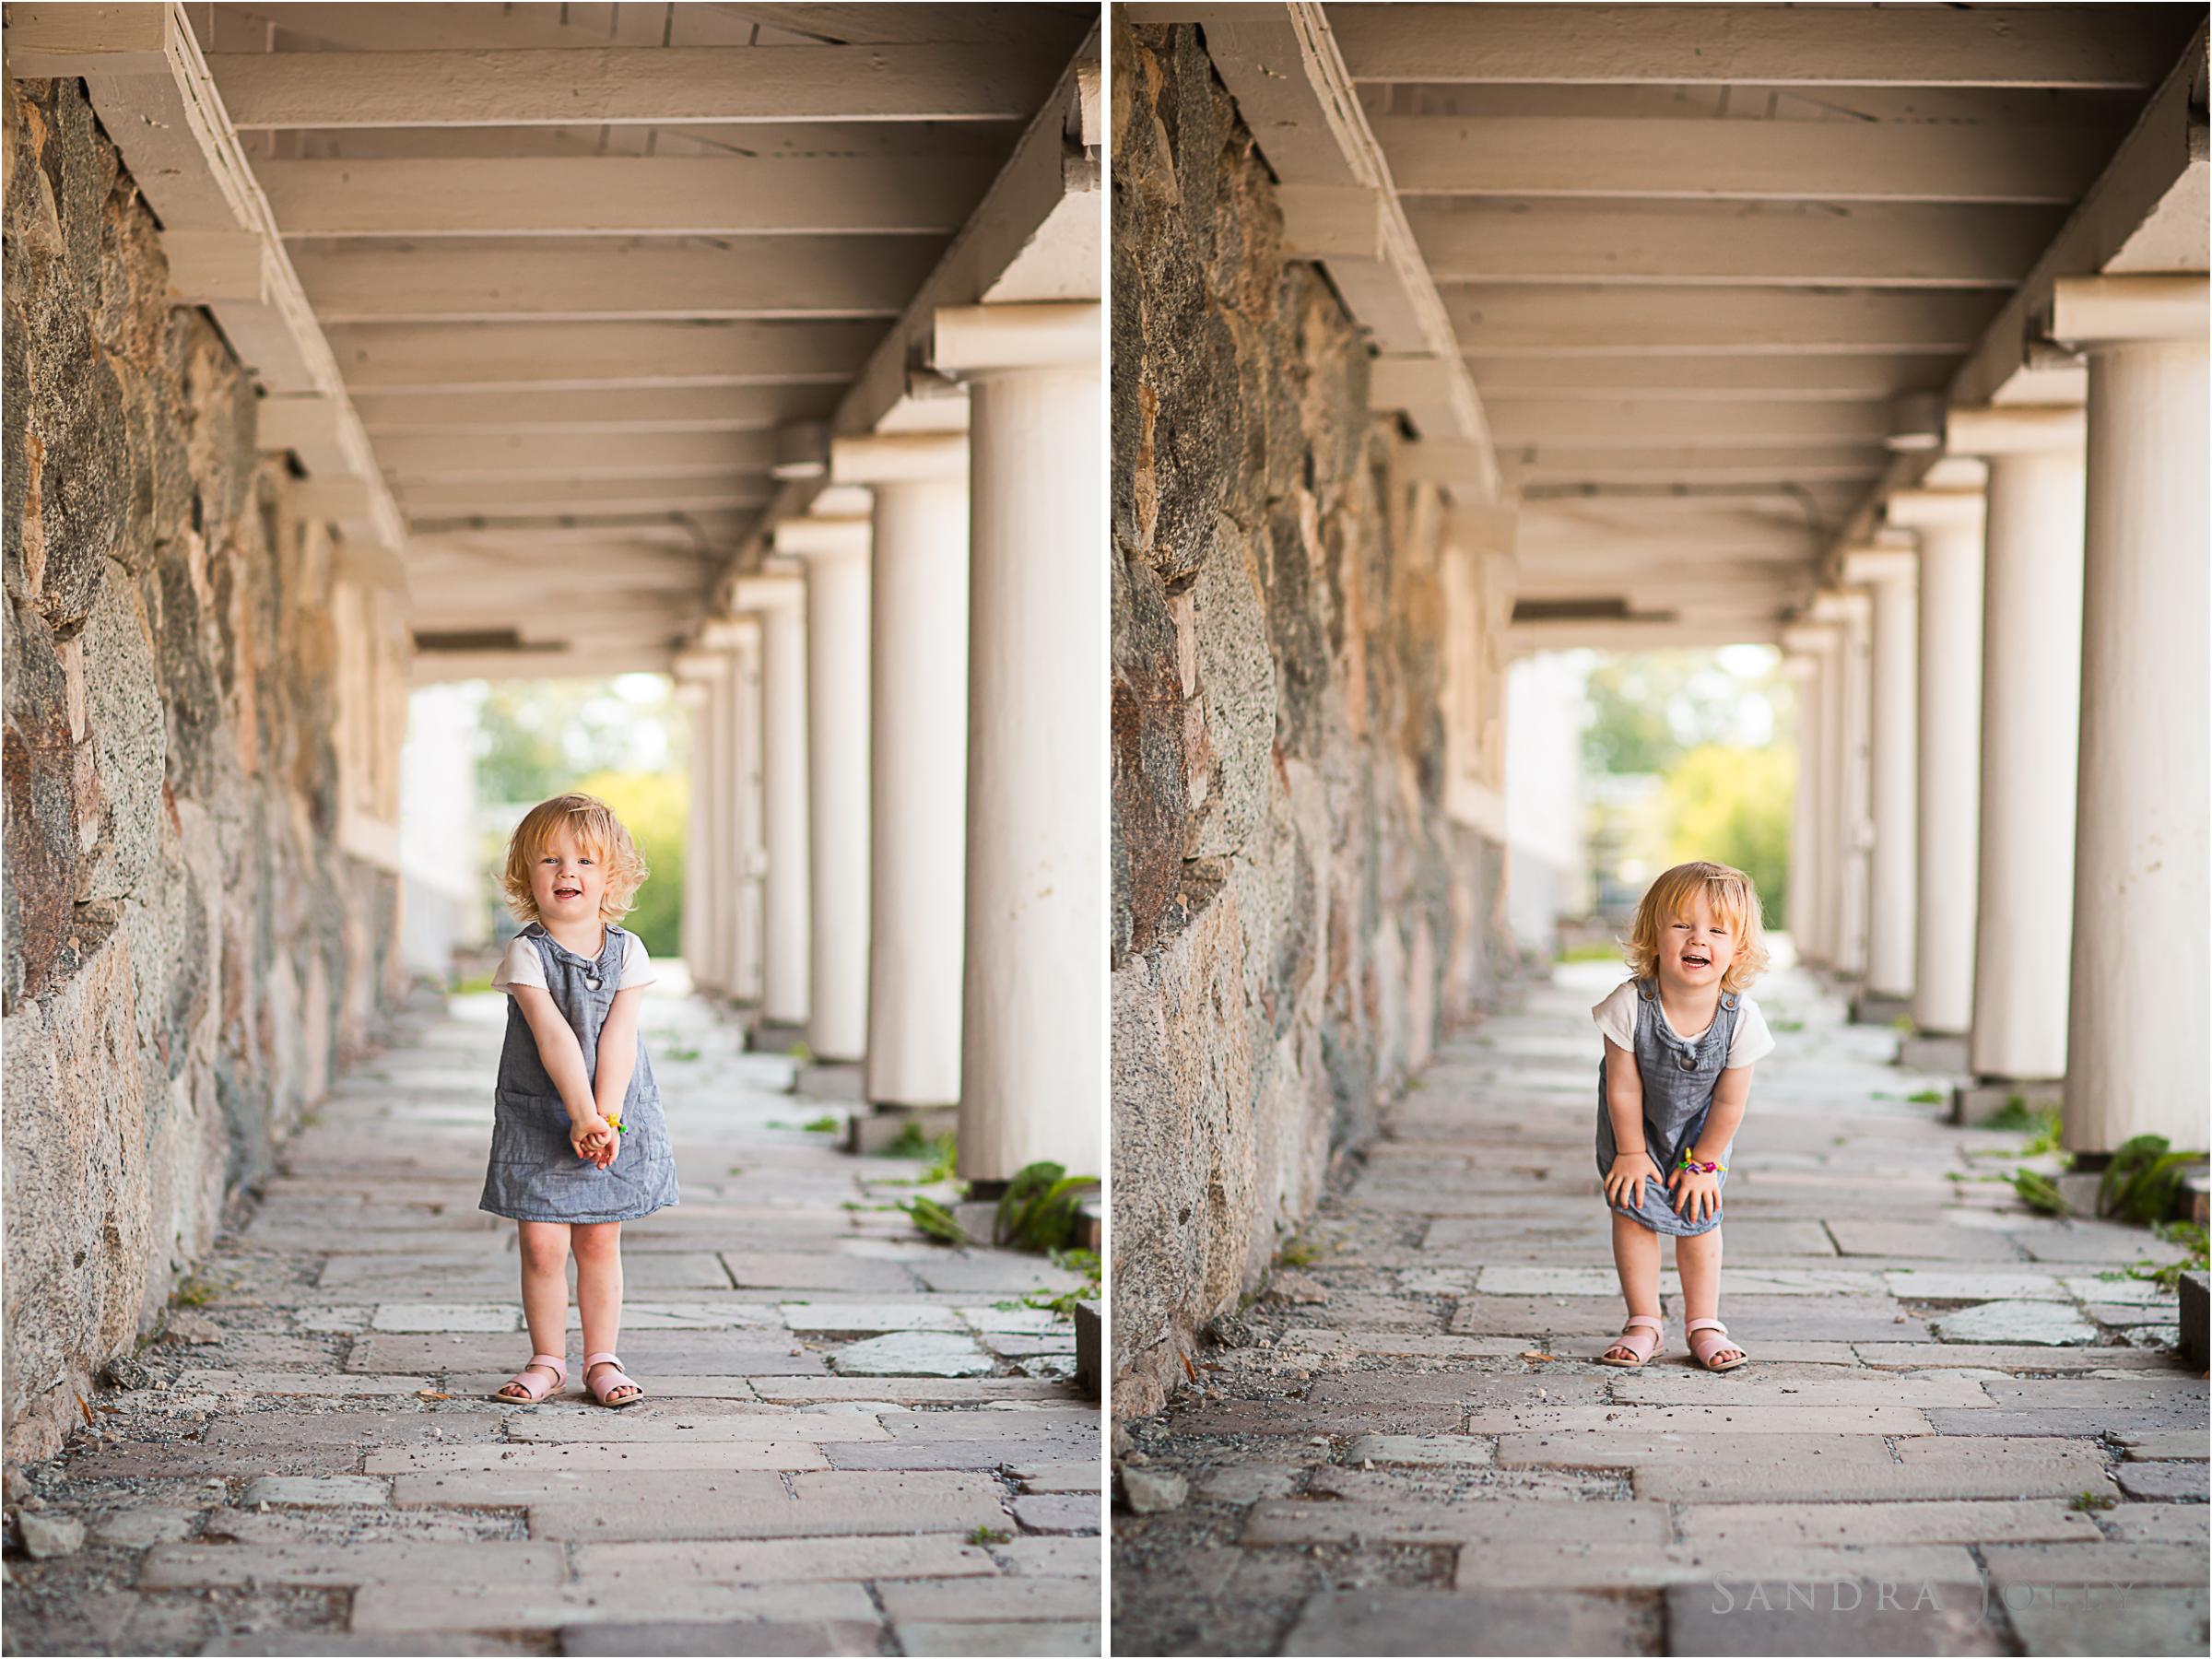 stockholm-familjefotografering-sandra-jolly.jpg